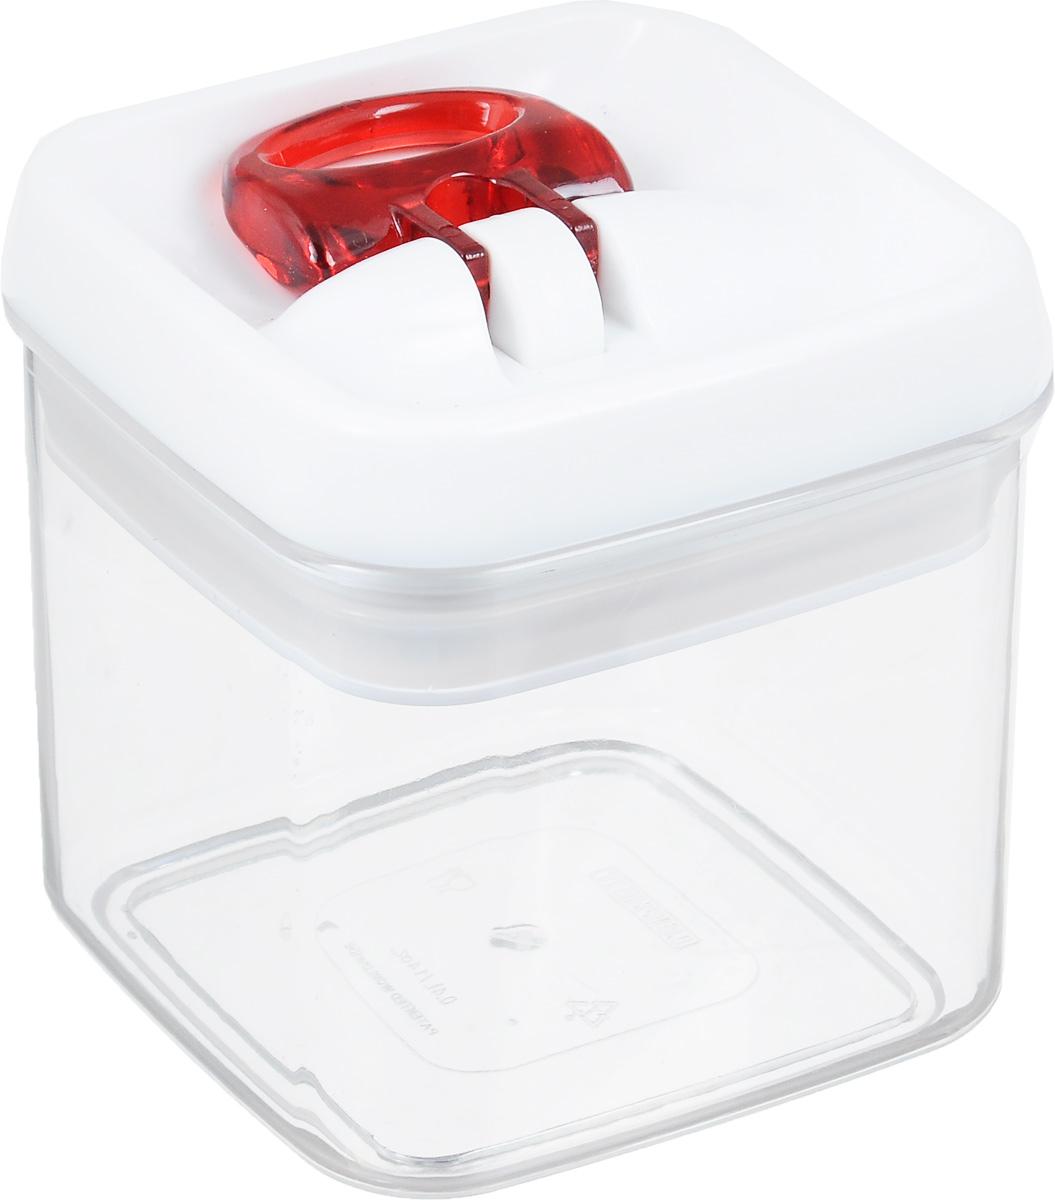 Контейнер для сыпучих продуктов Leifheit Fresh&Easy, 0,4 л31207Контейнер Leifheit Fresh&Easy, изготовленный из прочного пластика, предназначен для хранения сыпучих продуктов, например, макаронных изделий, орехов. Имеет воздухонепроницаемый и водонепроницаемый запор для оптимального хранения ваших сухих продуктов. Крышка открывается одной рукой.Емкость контейнера (без крышки) можно мыть в посудомоечной машине.Размер контейнера (с учетом крышки): 10 х 10 х 10 см.